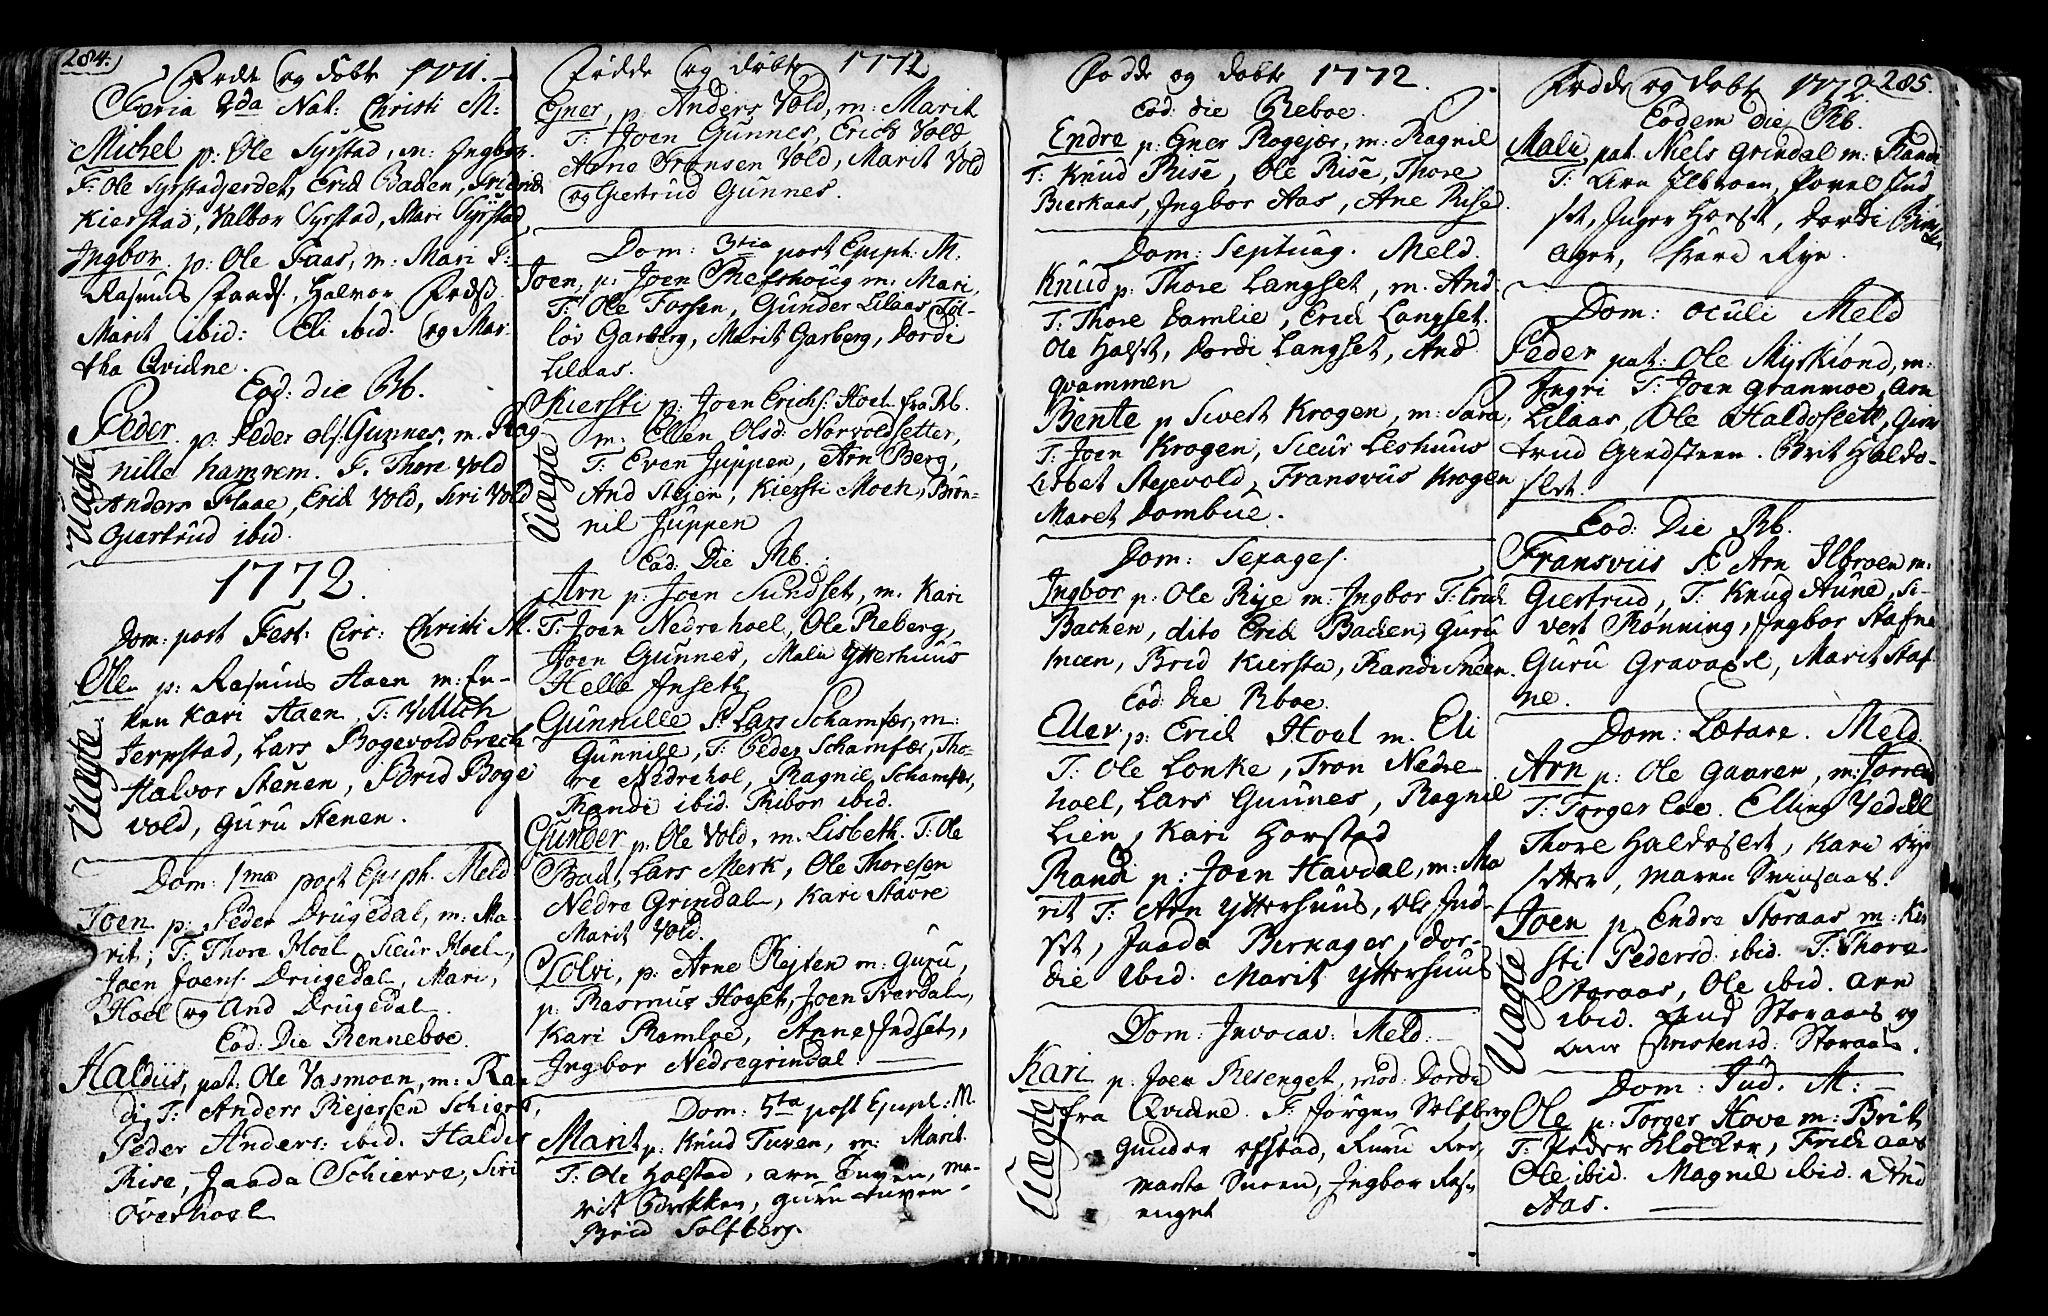 SAT, Ministerialprotokoller, klokkerbøker og fødselsregistre - Sør-Trøndelag, 672/L0851: Ministerialbok nr. 672A04, 1751-1775, s. 284-285